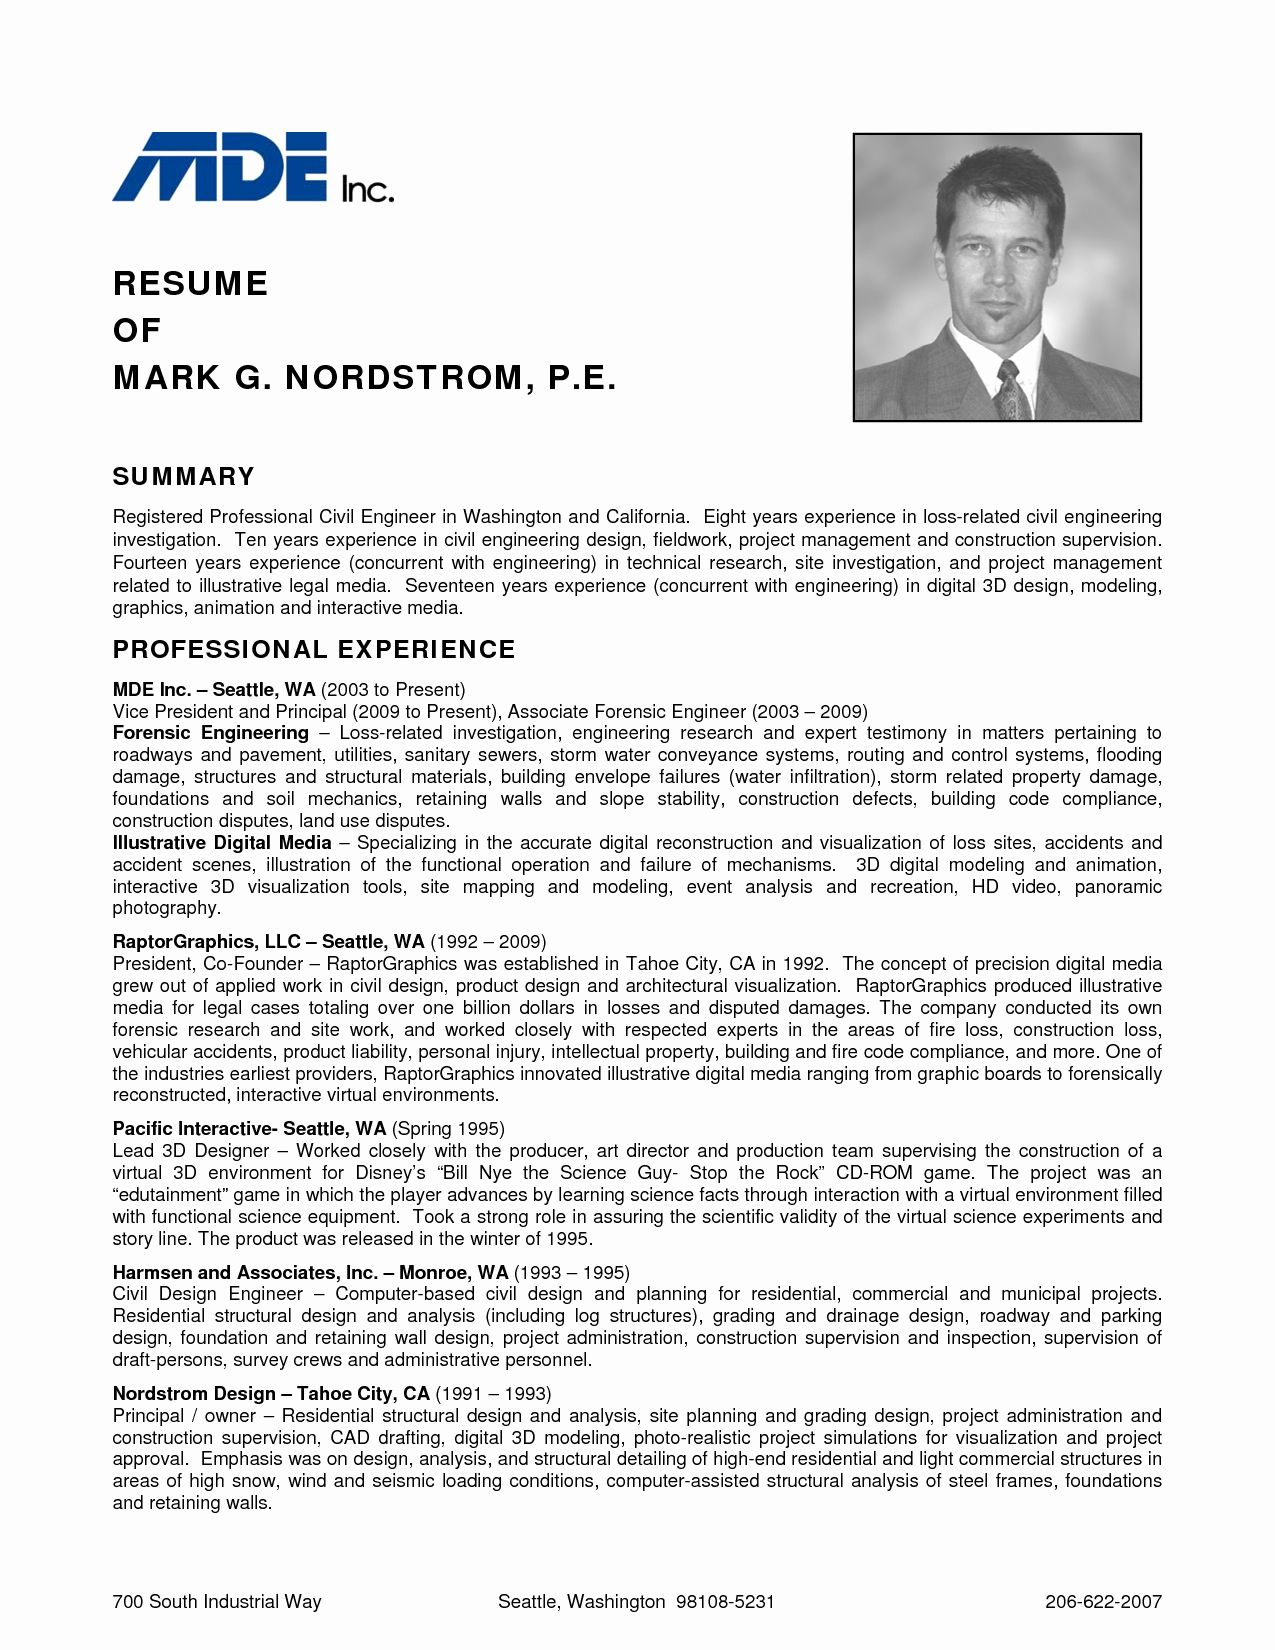 27 Civil Engineer Resume Examples in 2020 Sample resume